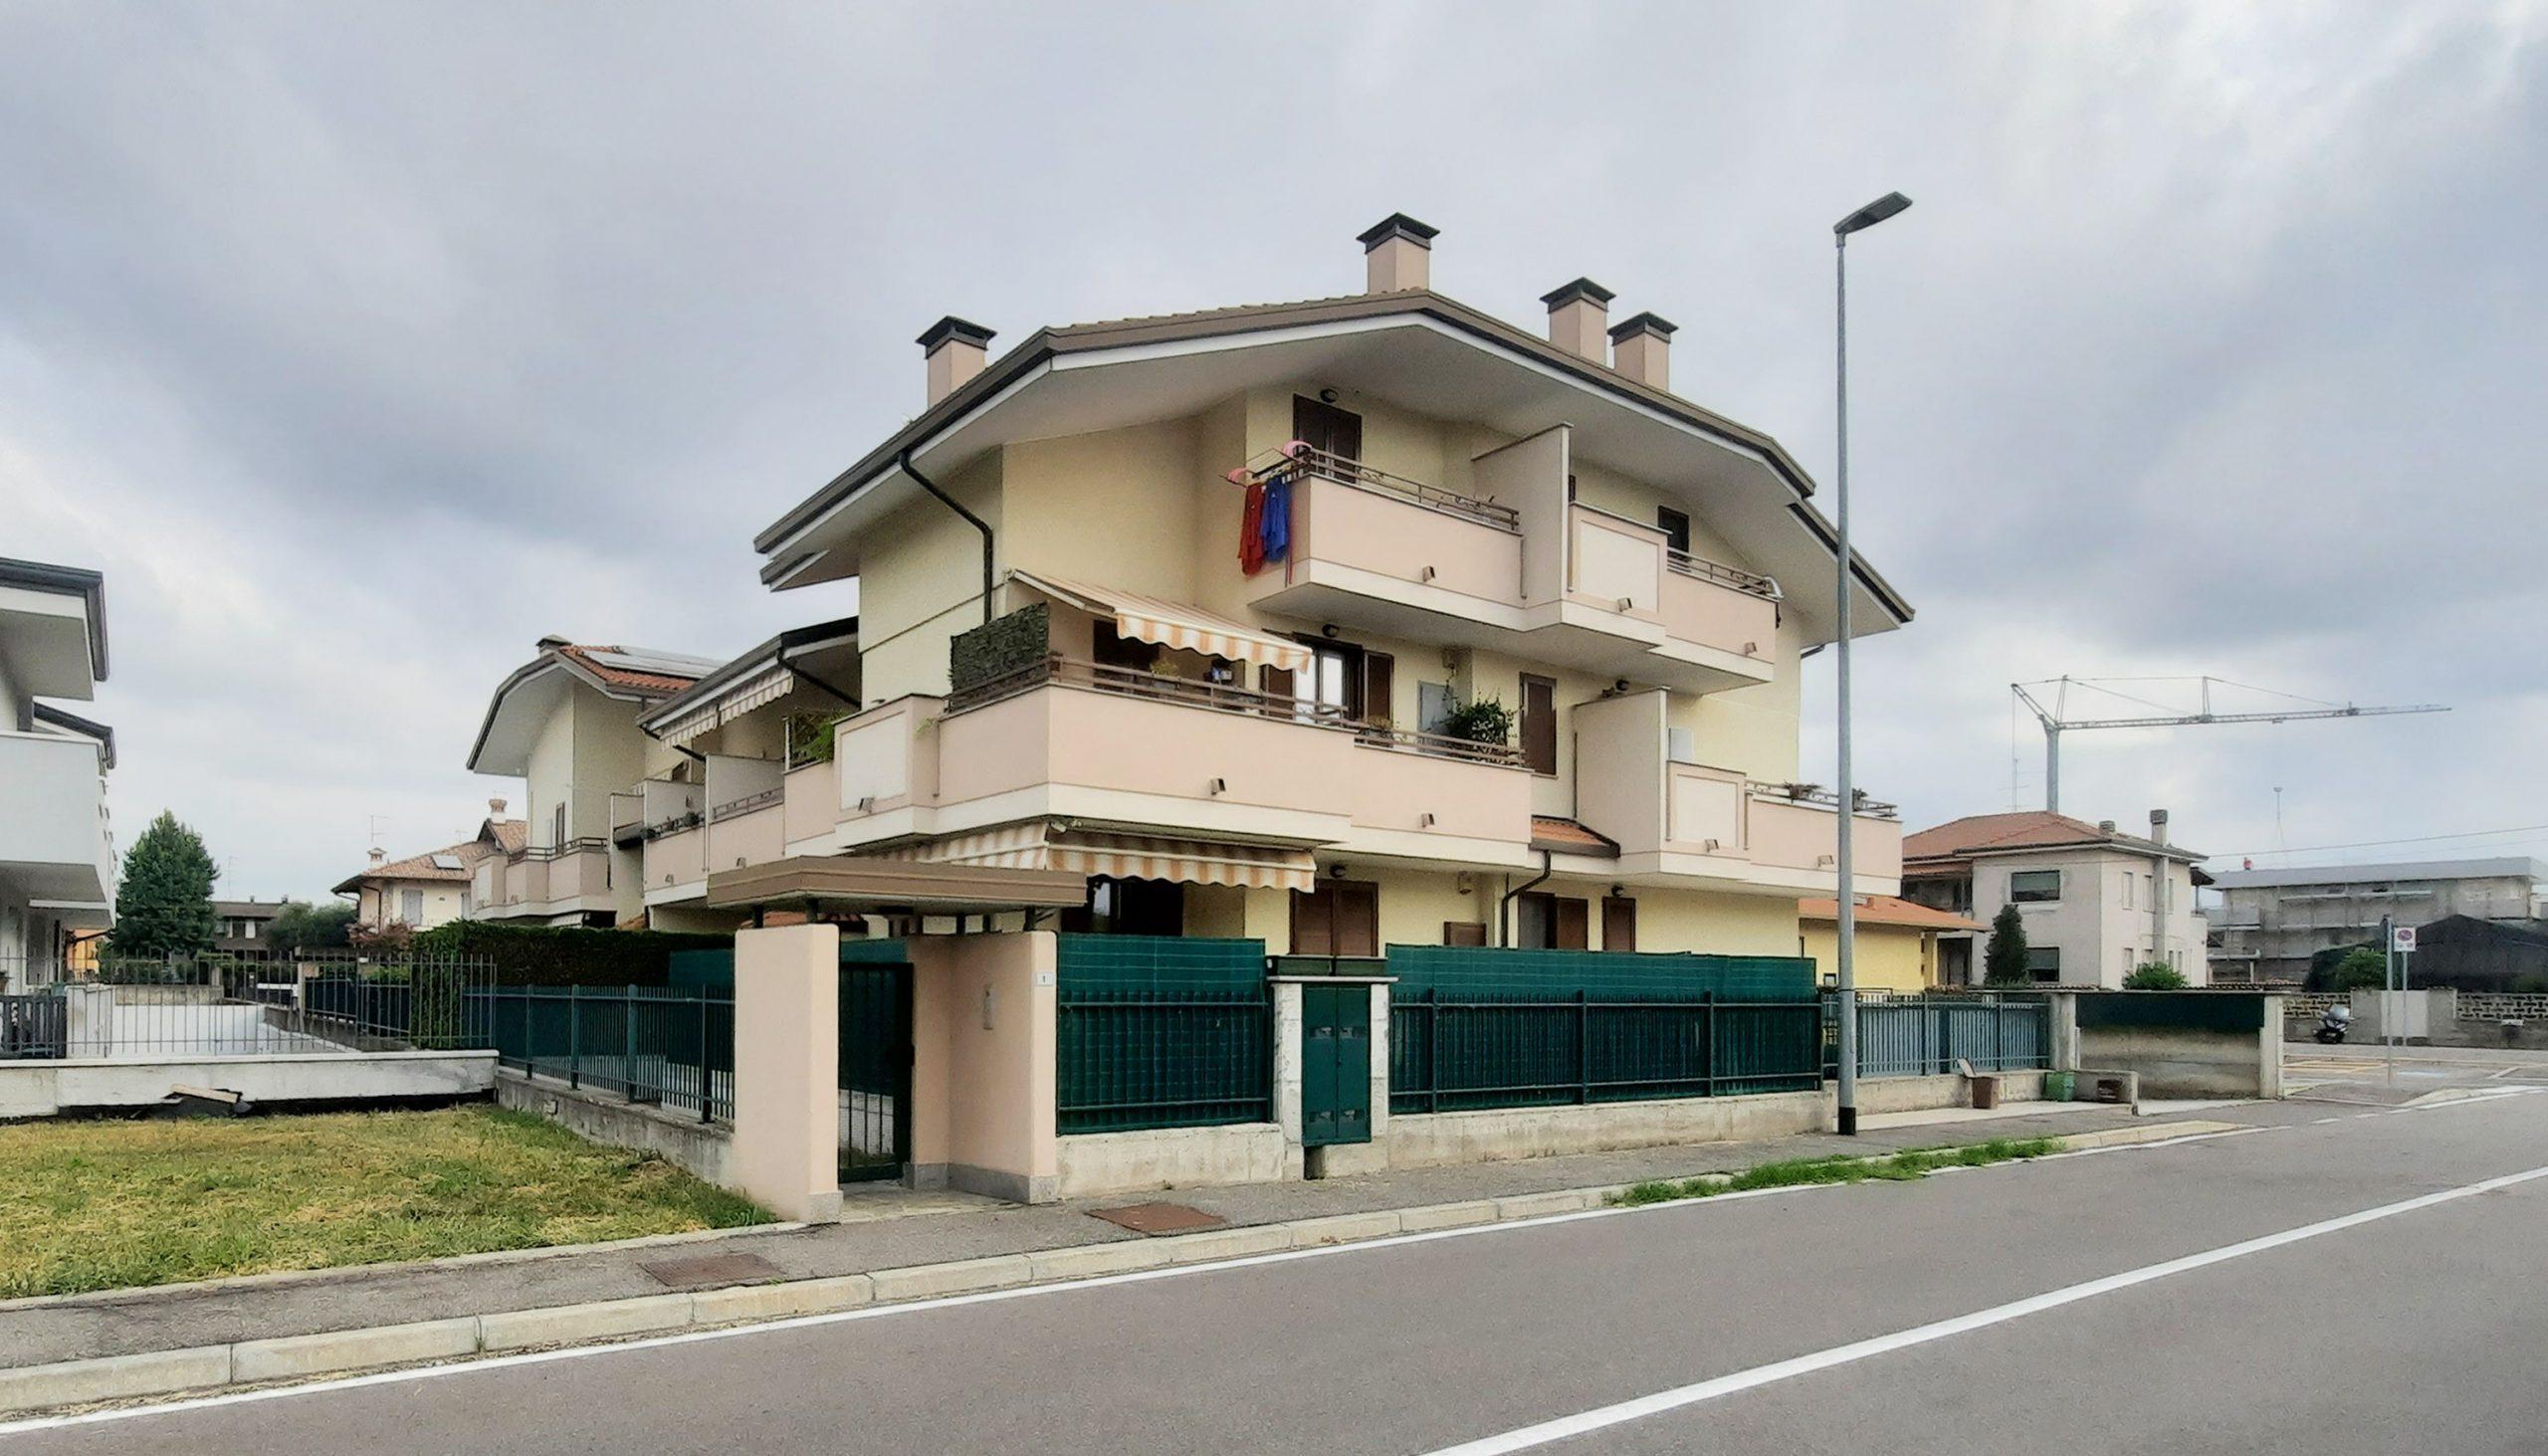 Appartamento trilocale su due livelli in vendita a Magnago